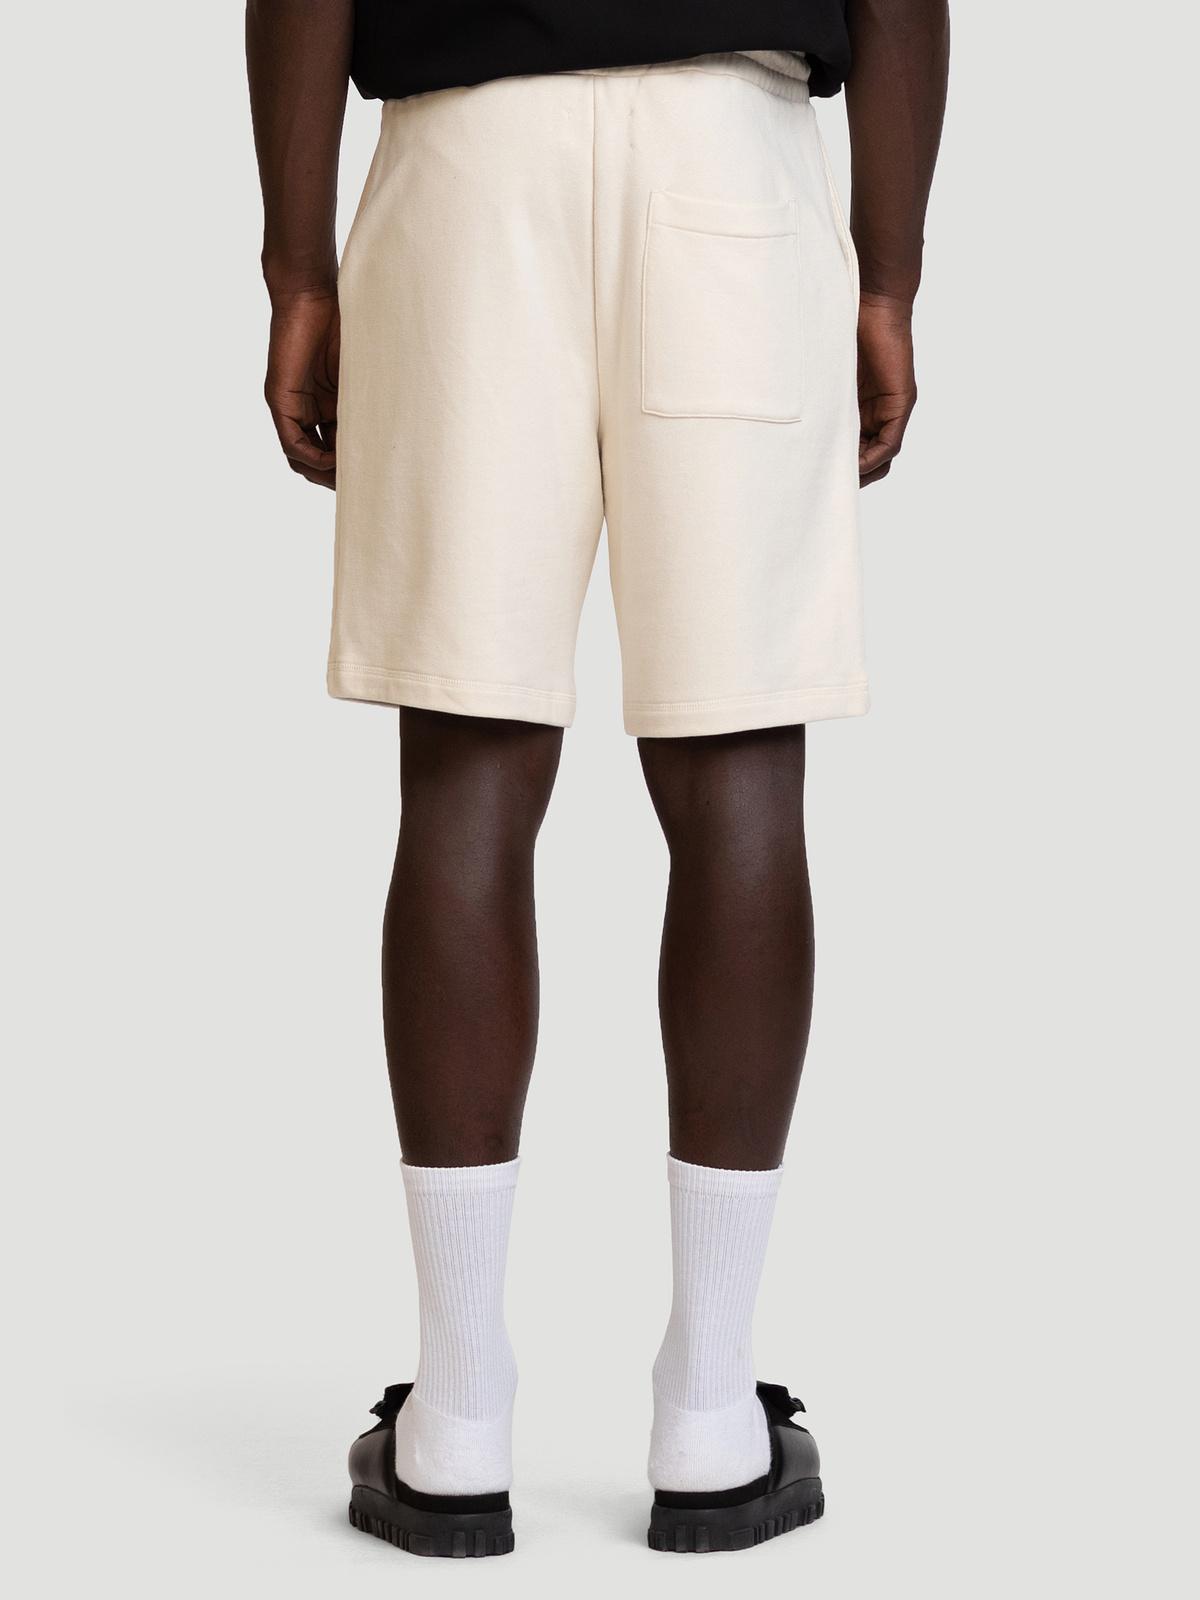 M. Oslo Shorts Ecru 4